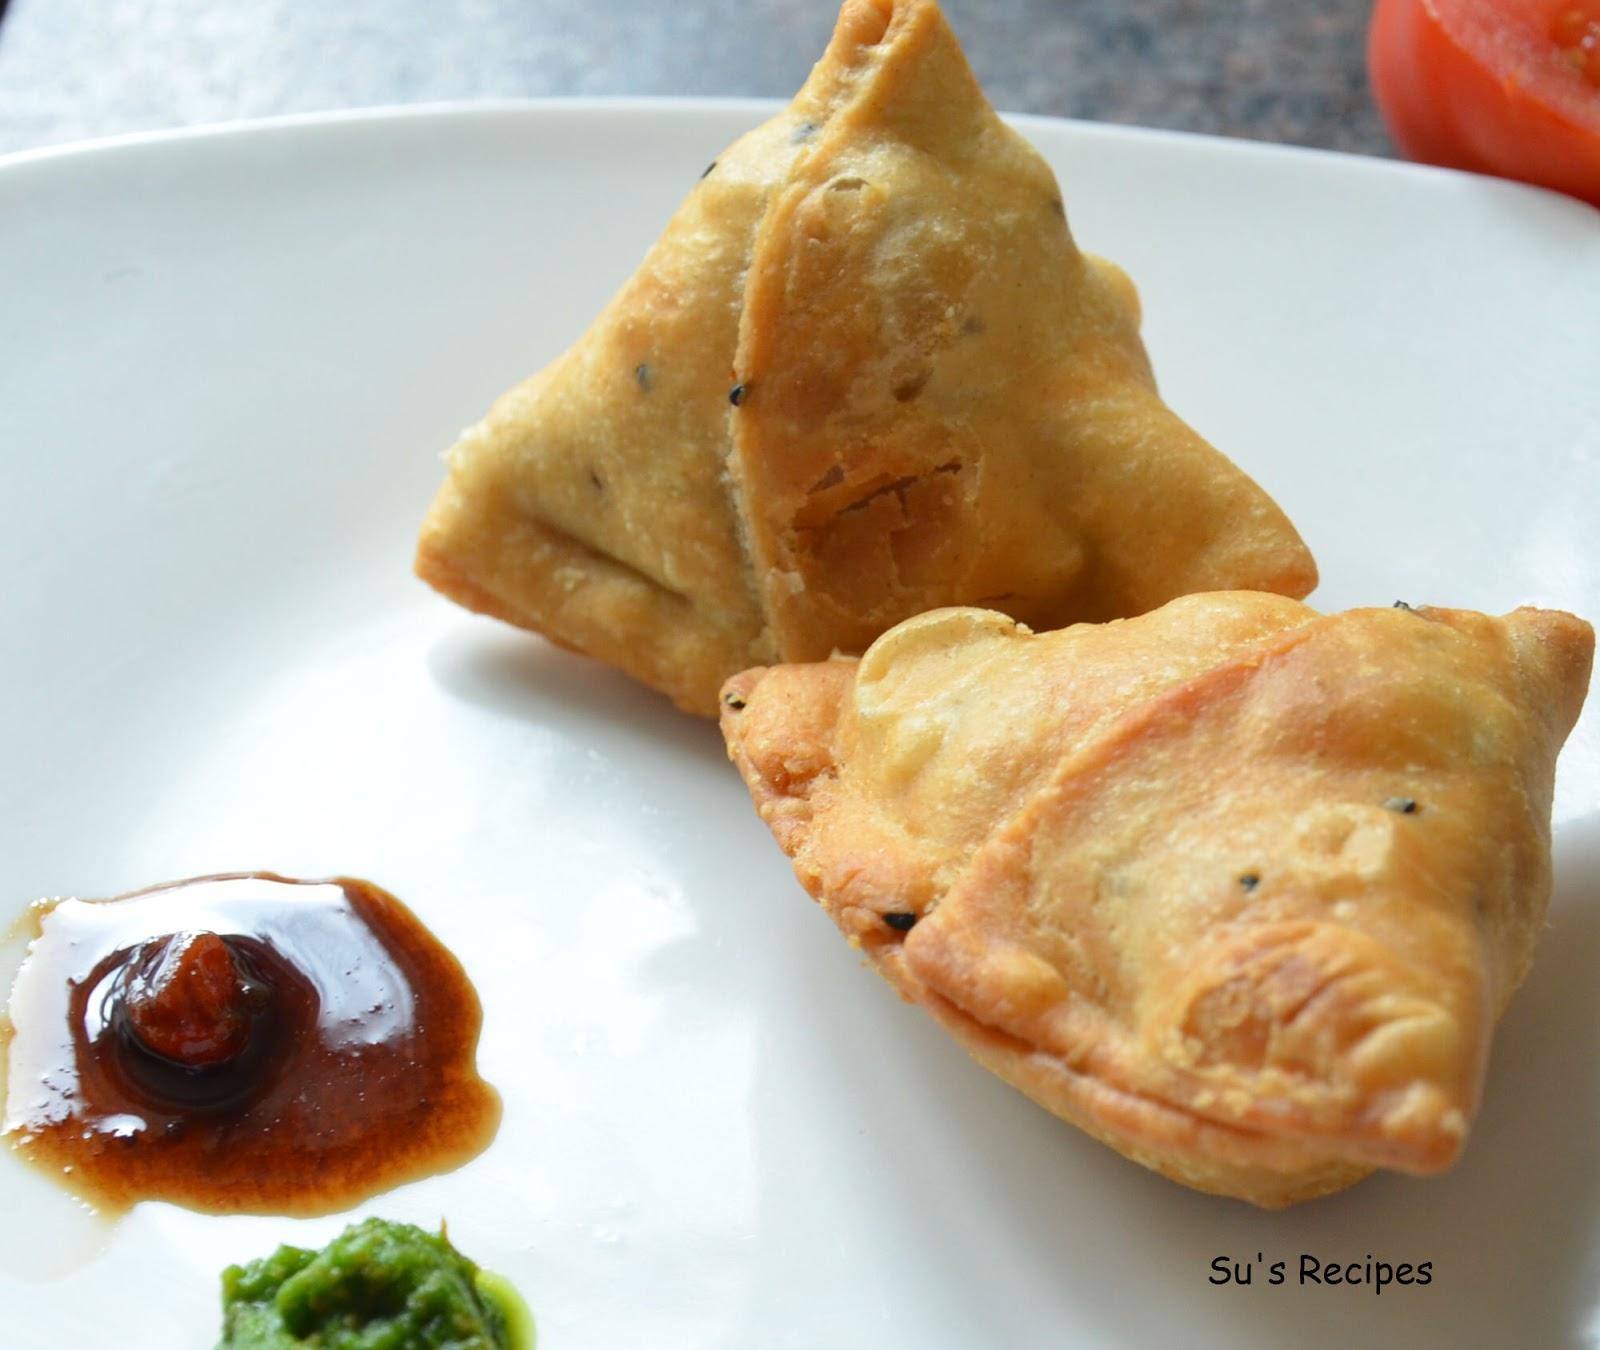 Su's Recipes: Mini Samosa and Potli Samosa